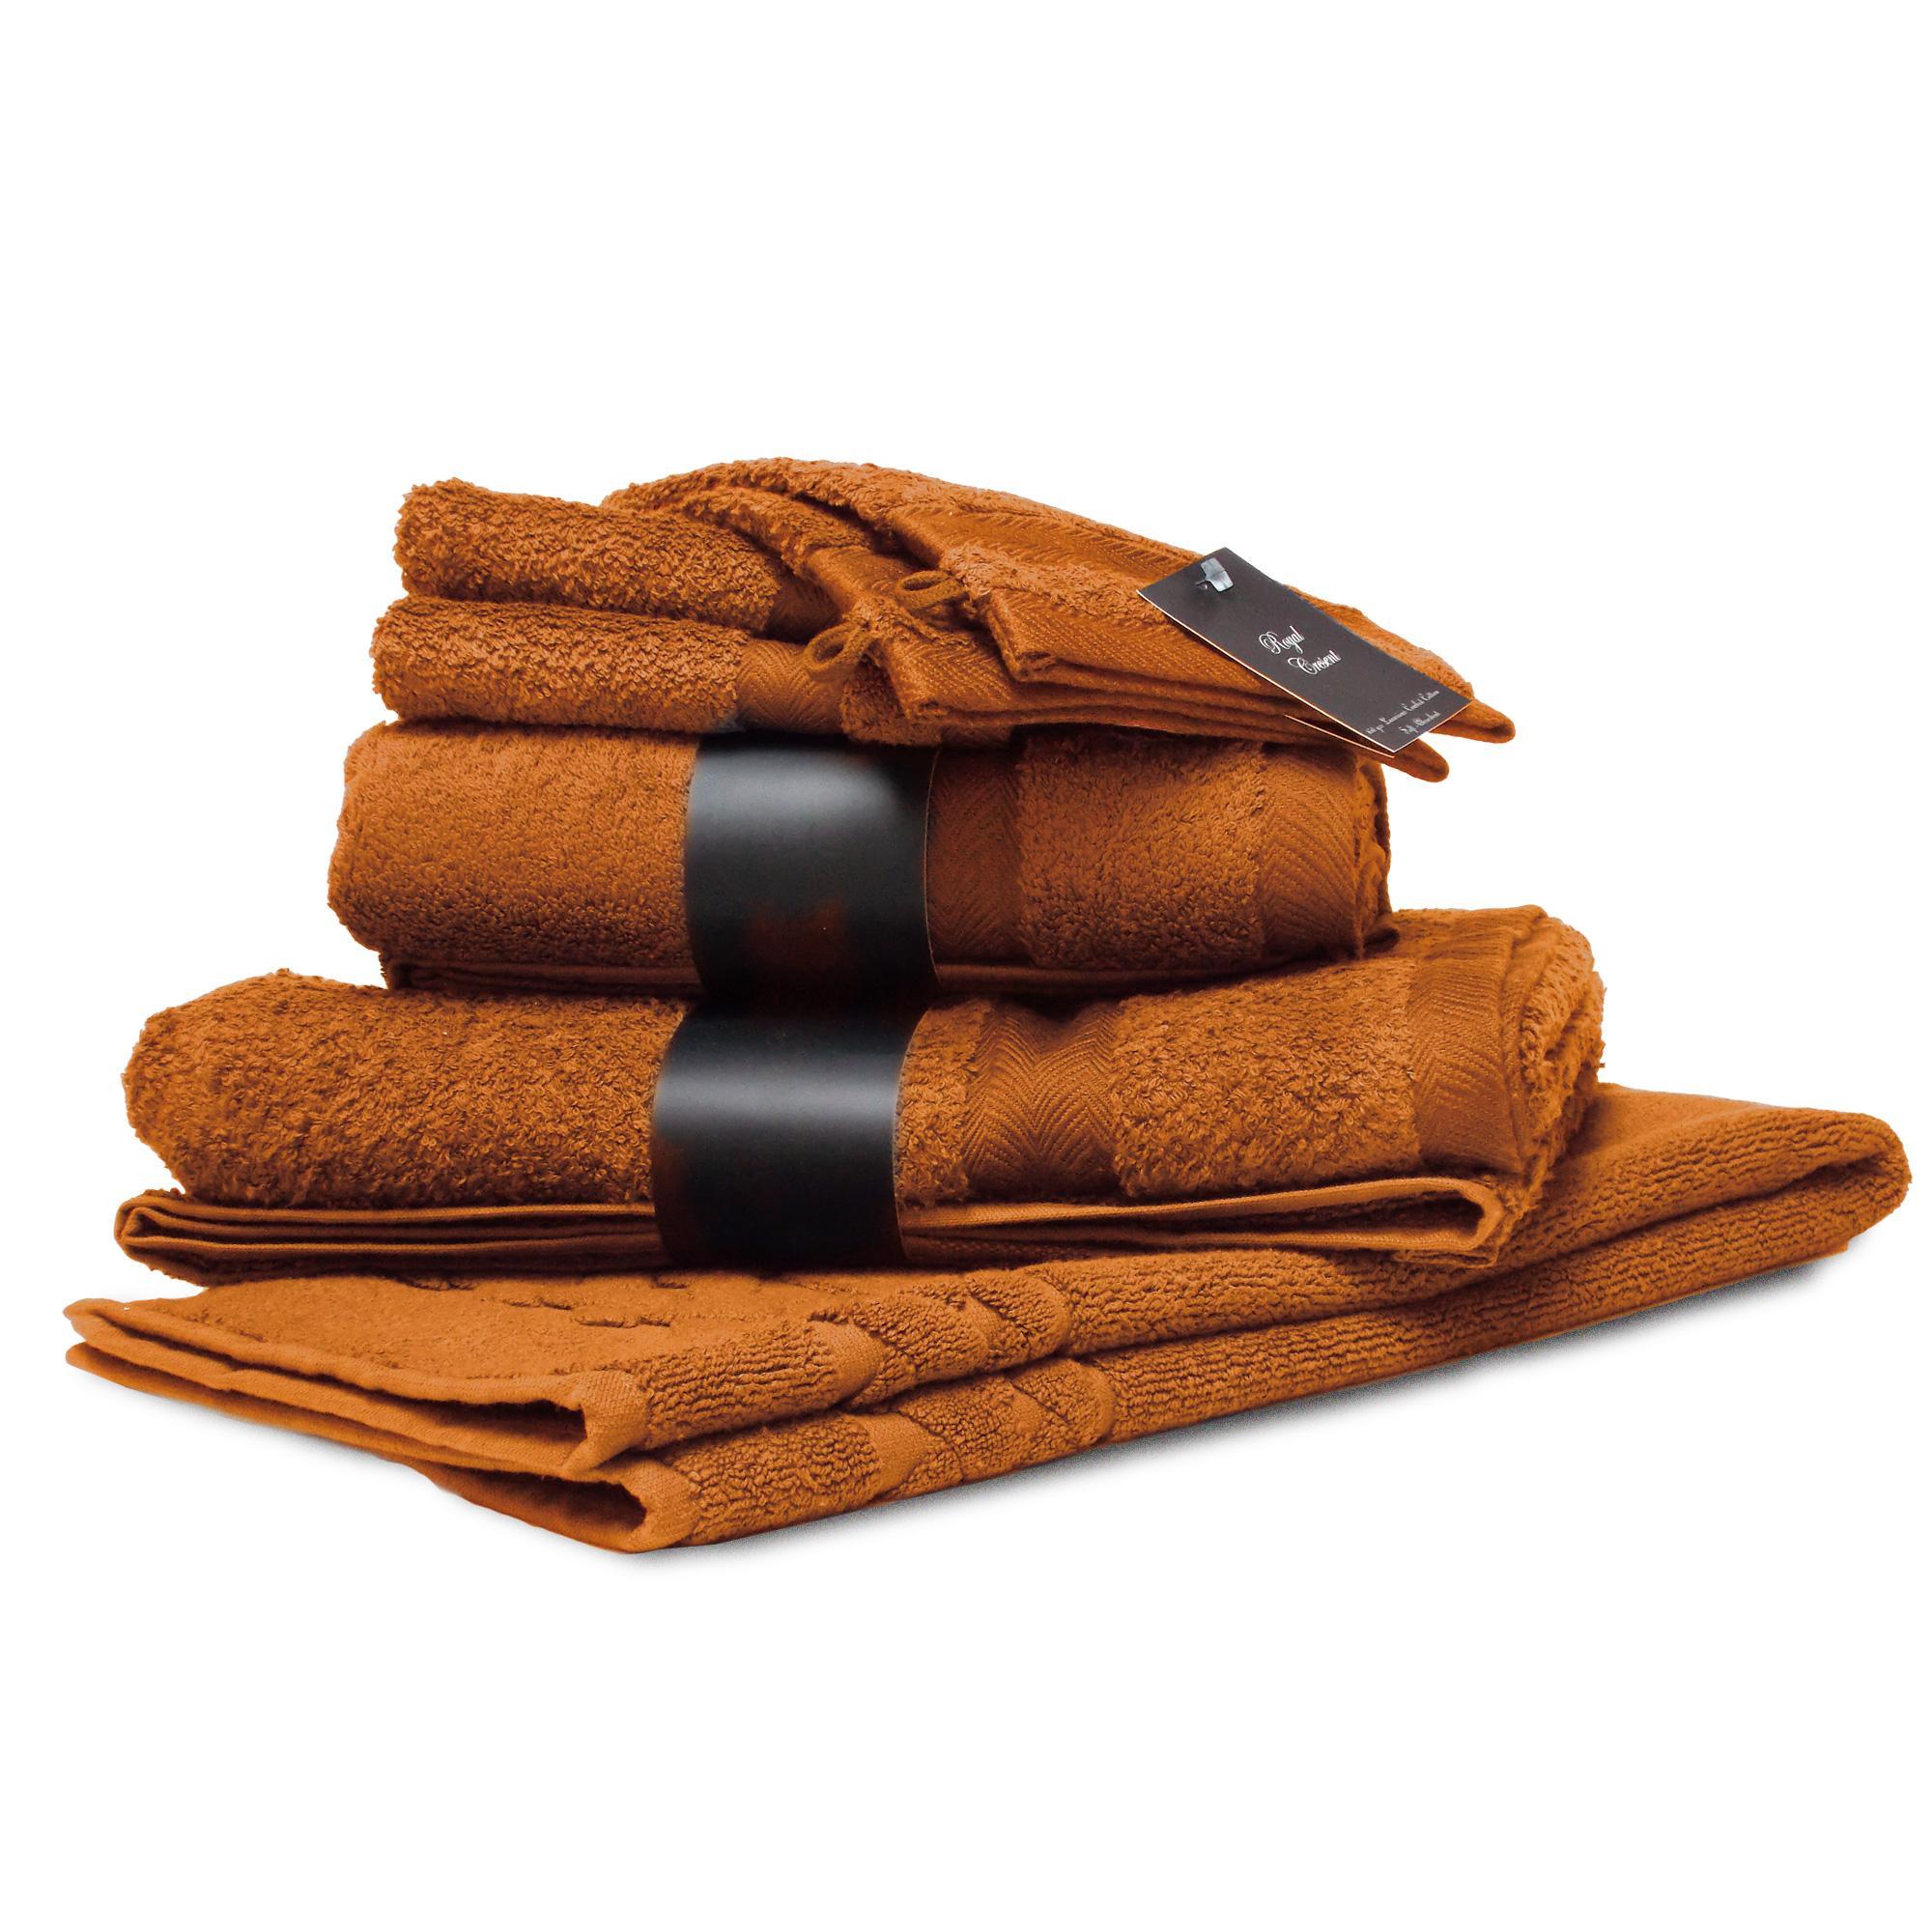 parure de bain 7 pieces coton uni royal cresent jaune topaze linnea vente de linge de maison. Black Bedroom Furniture Sets. Home Design Ideas